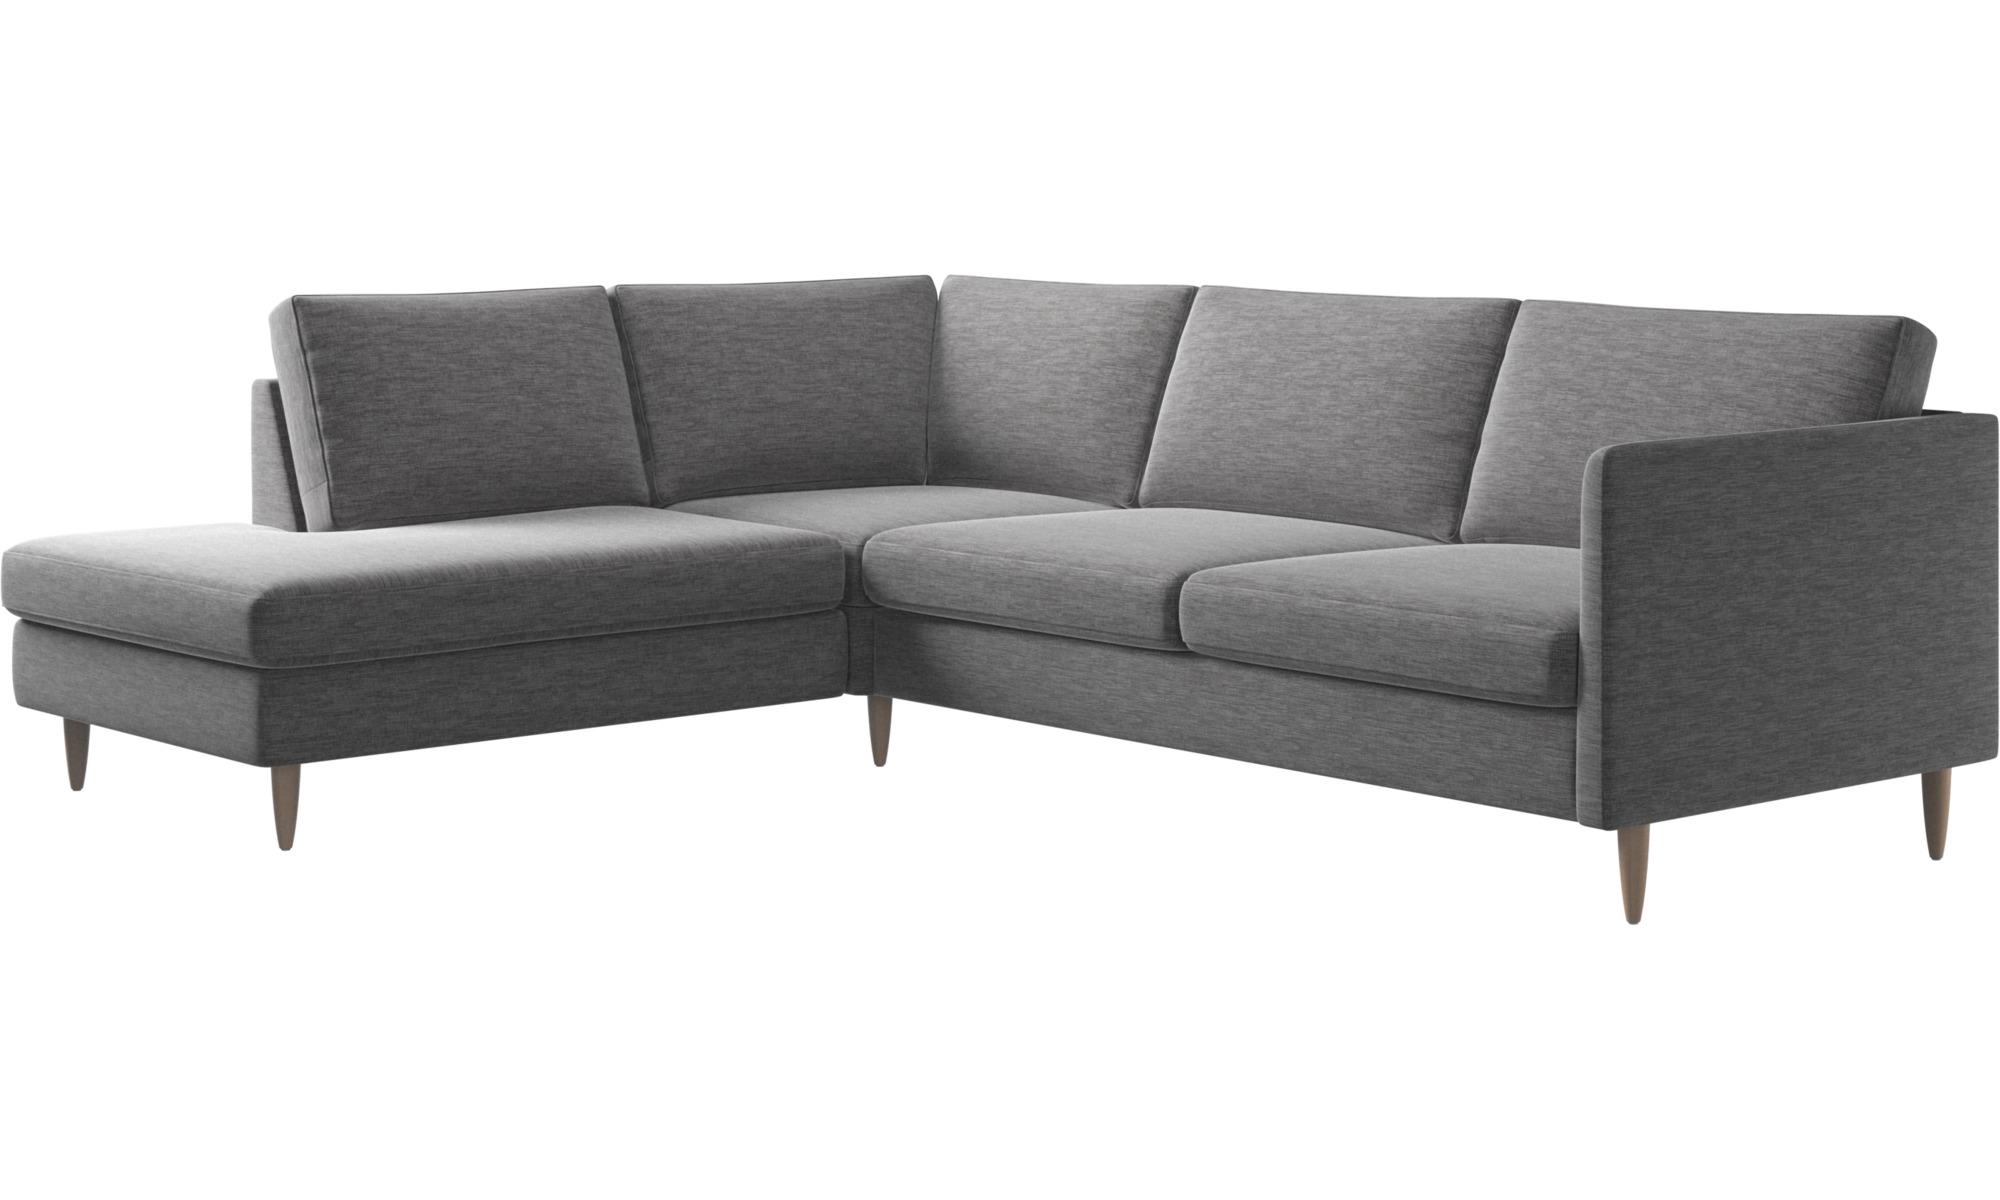 Indivi Corner Sofa With Lounging Unit